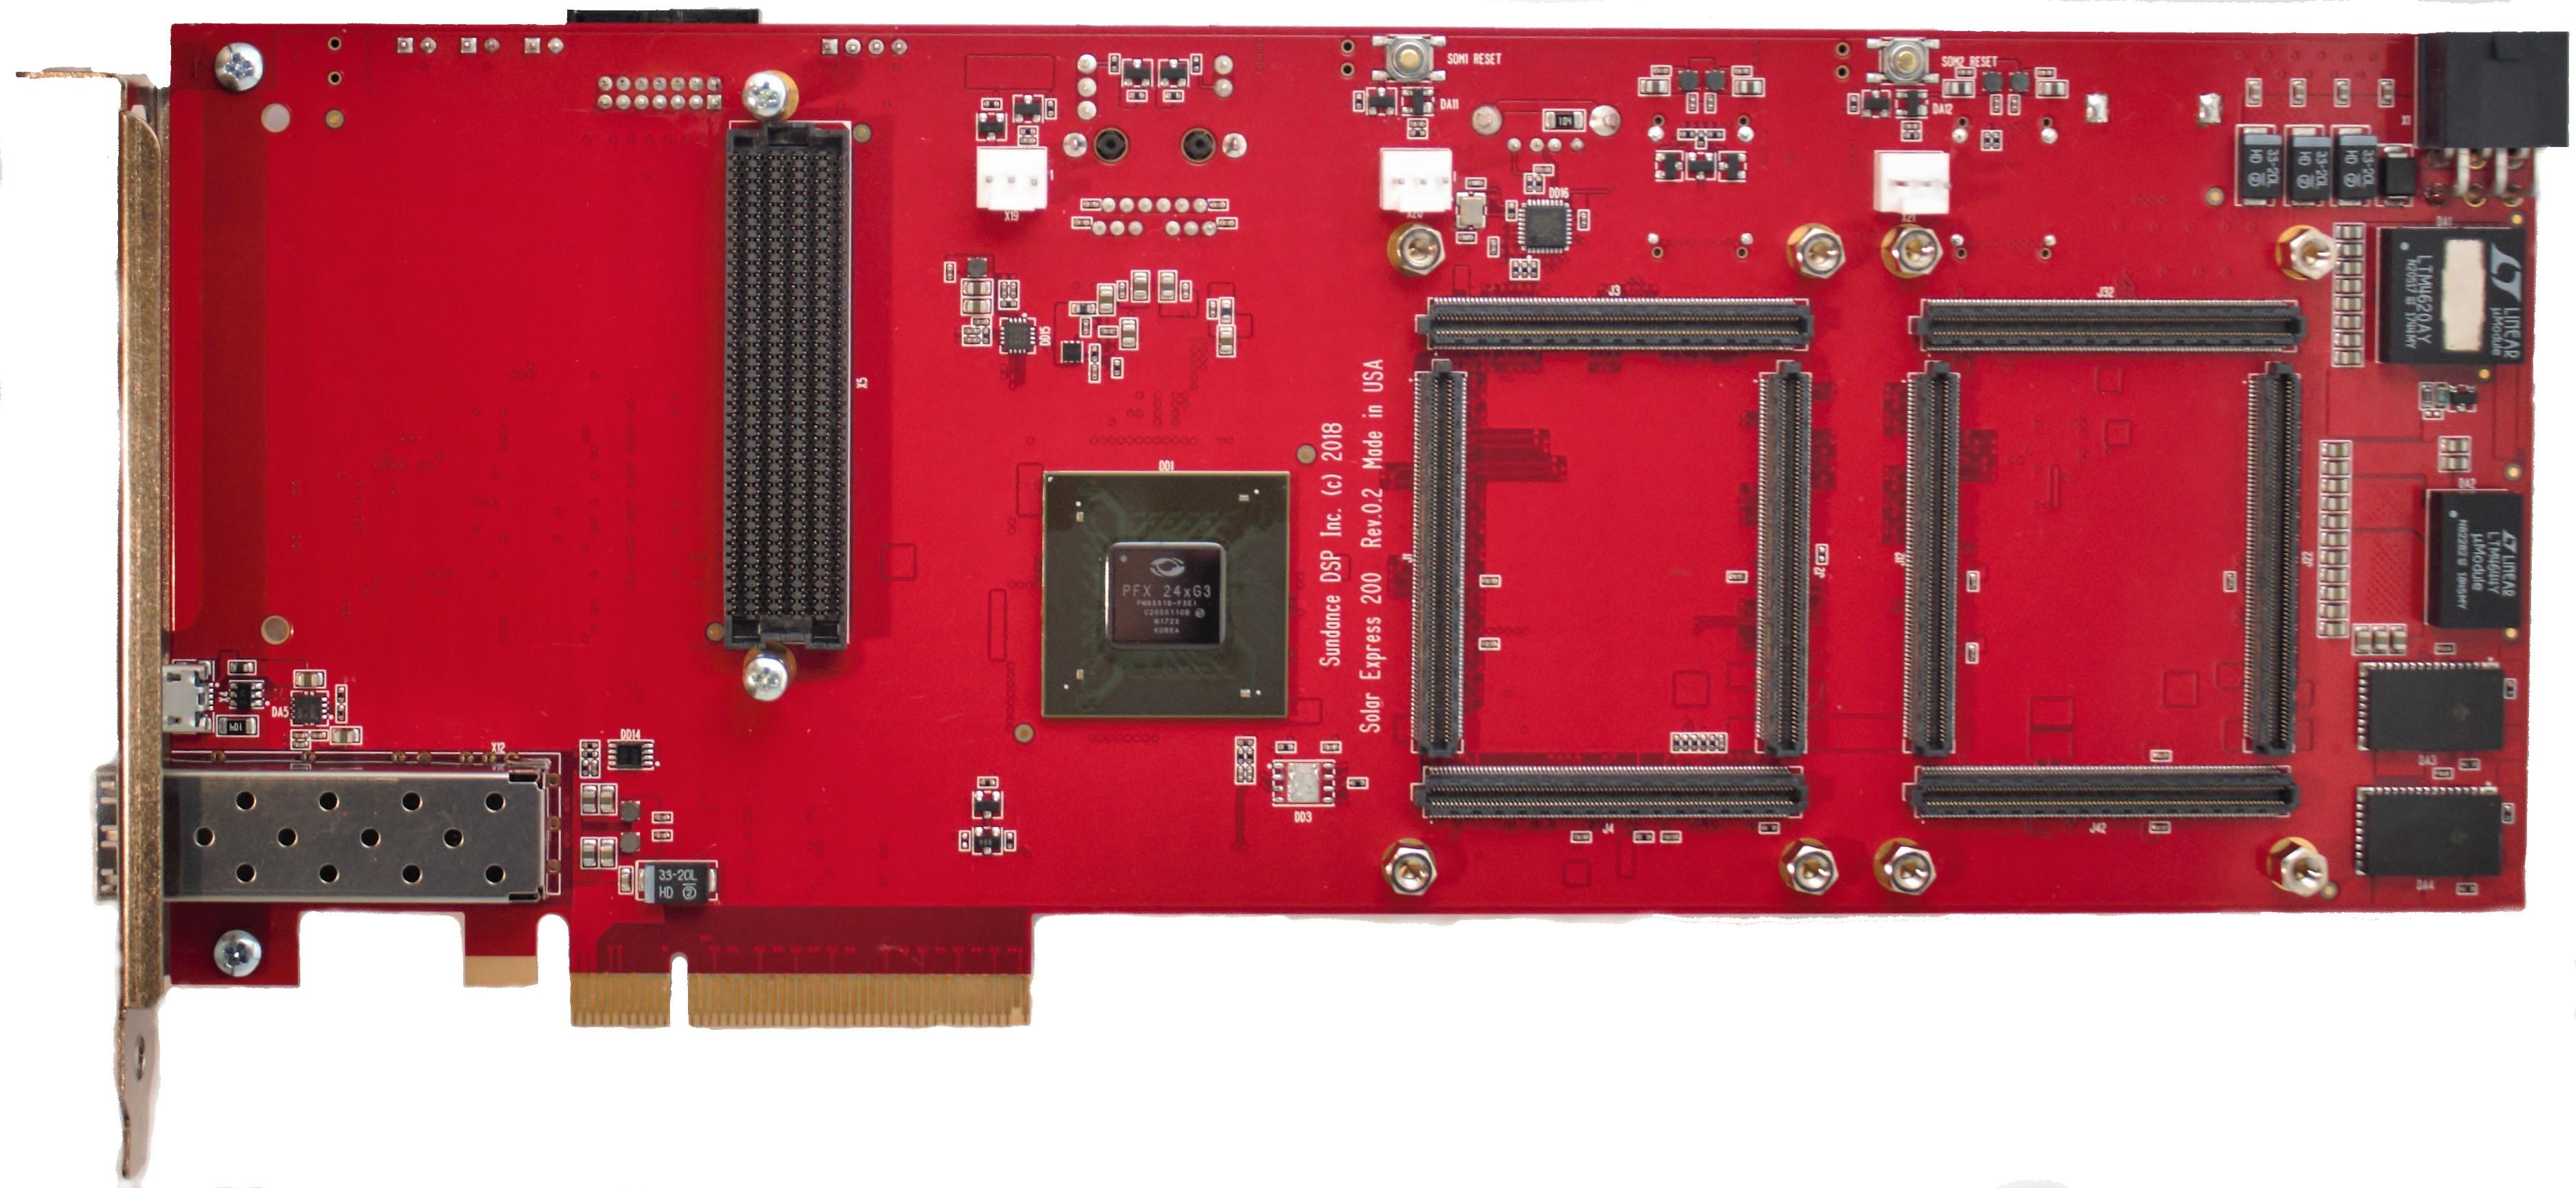 SoM carrier for Polar Fire FPGAs